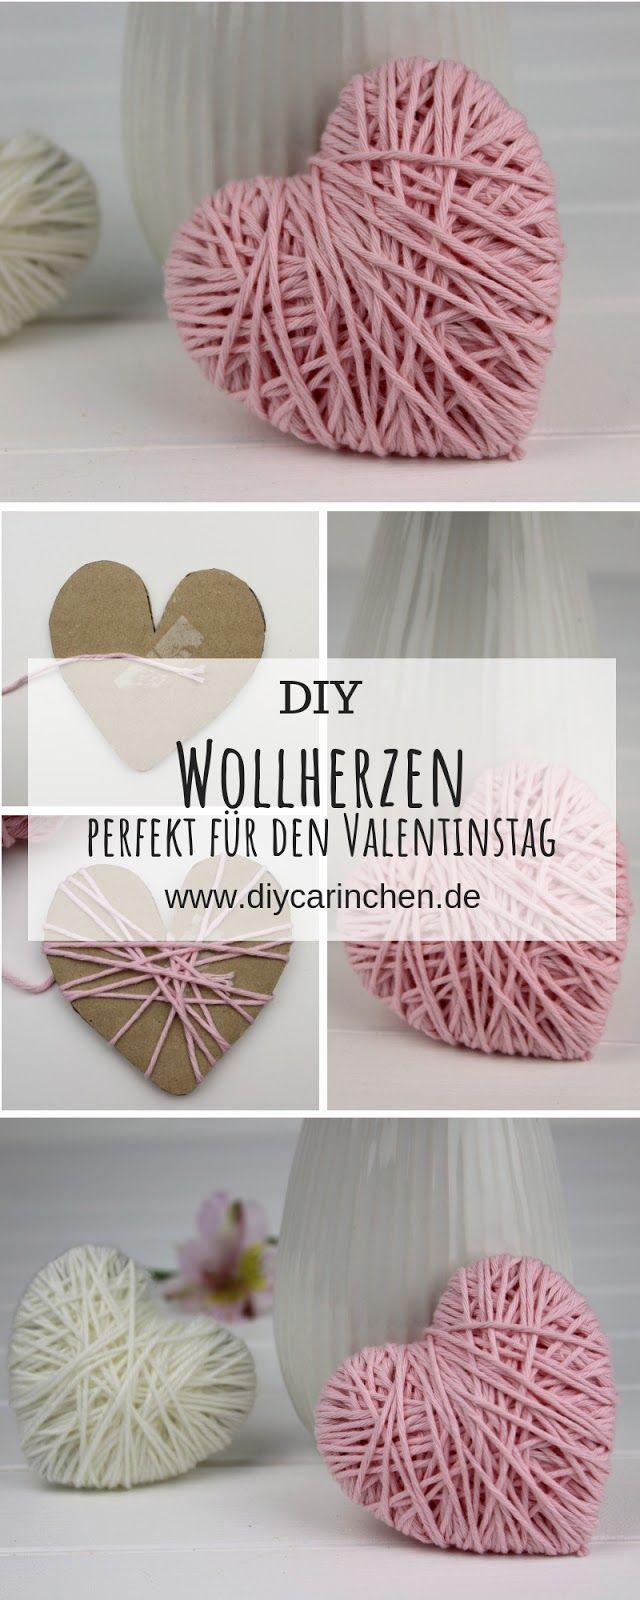 Diy Super Einfache Bastelidee Wollherzen Selber Machen Perfekte